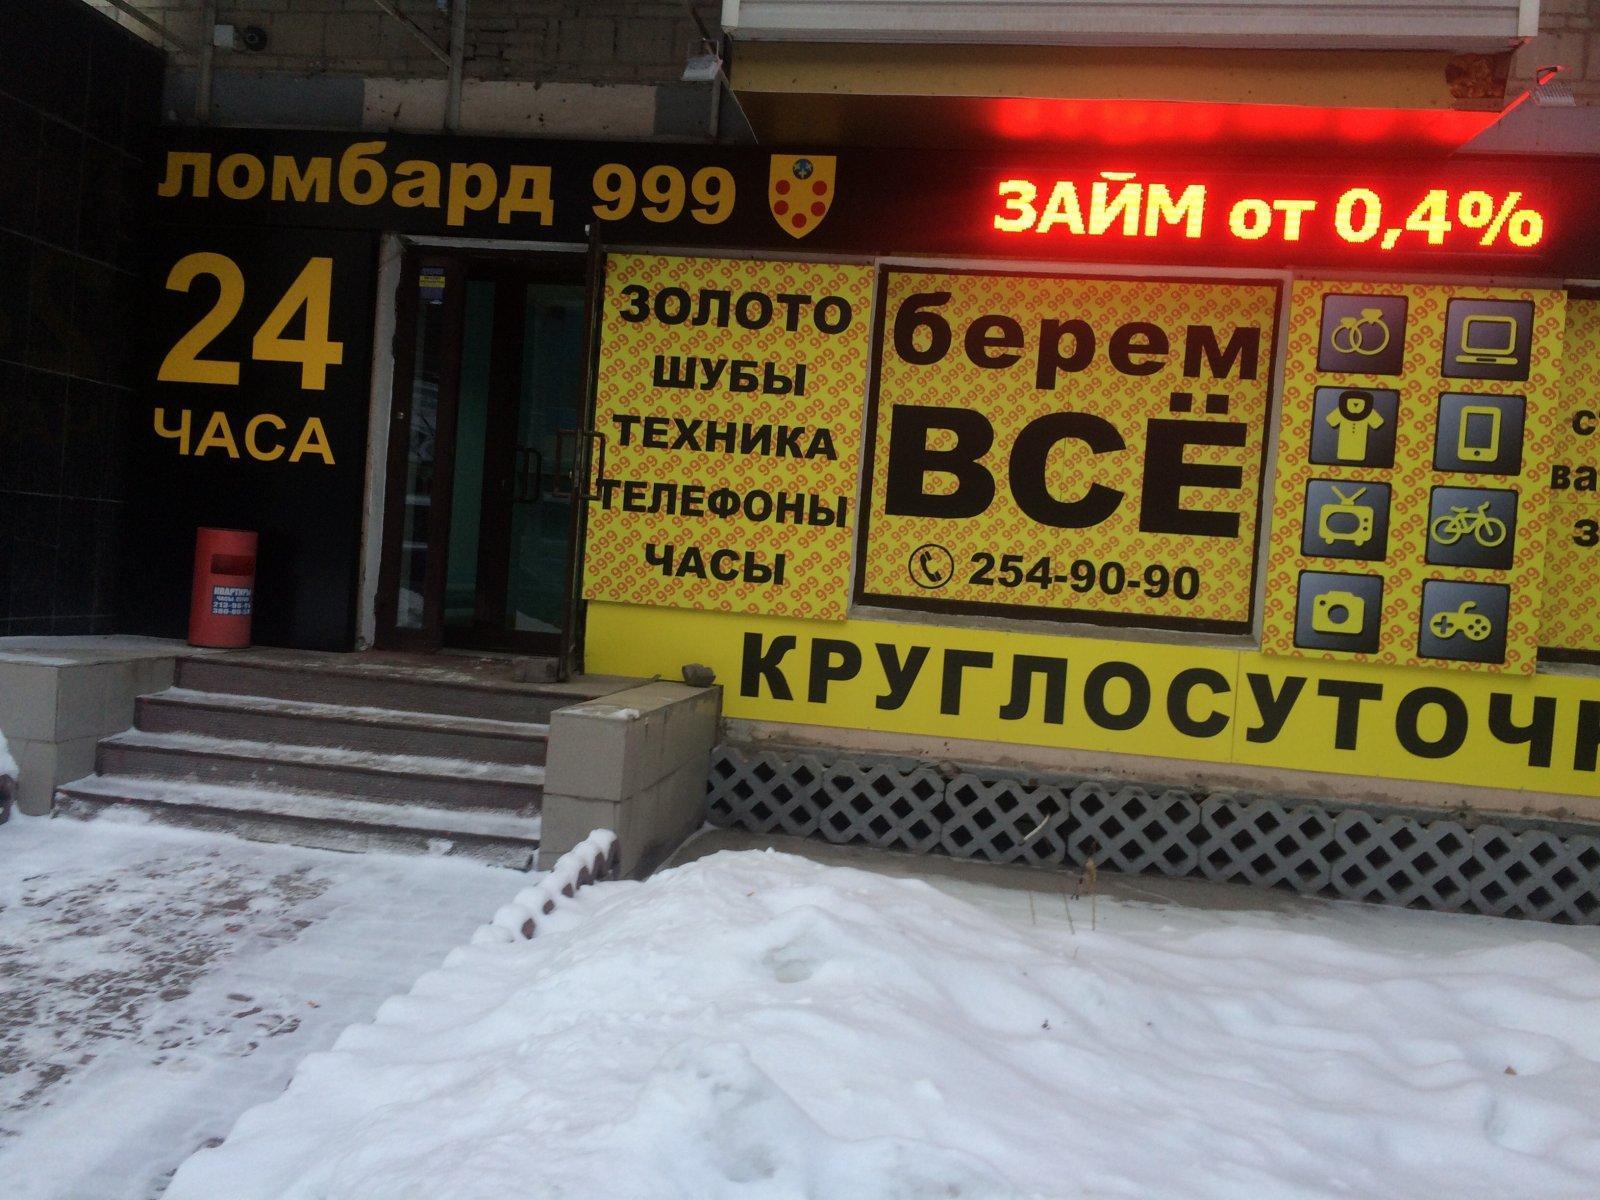 Новосибирск техника ломбард кровь работы пермь часы сдать